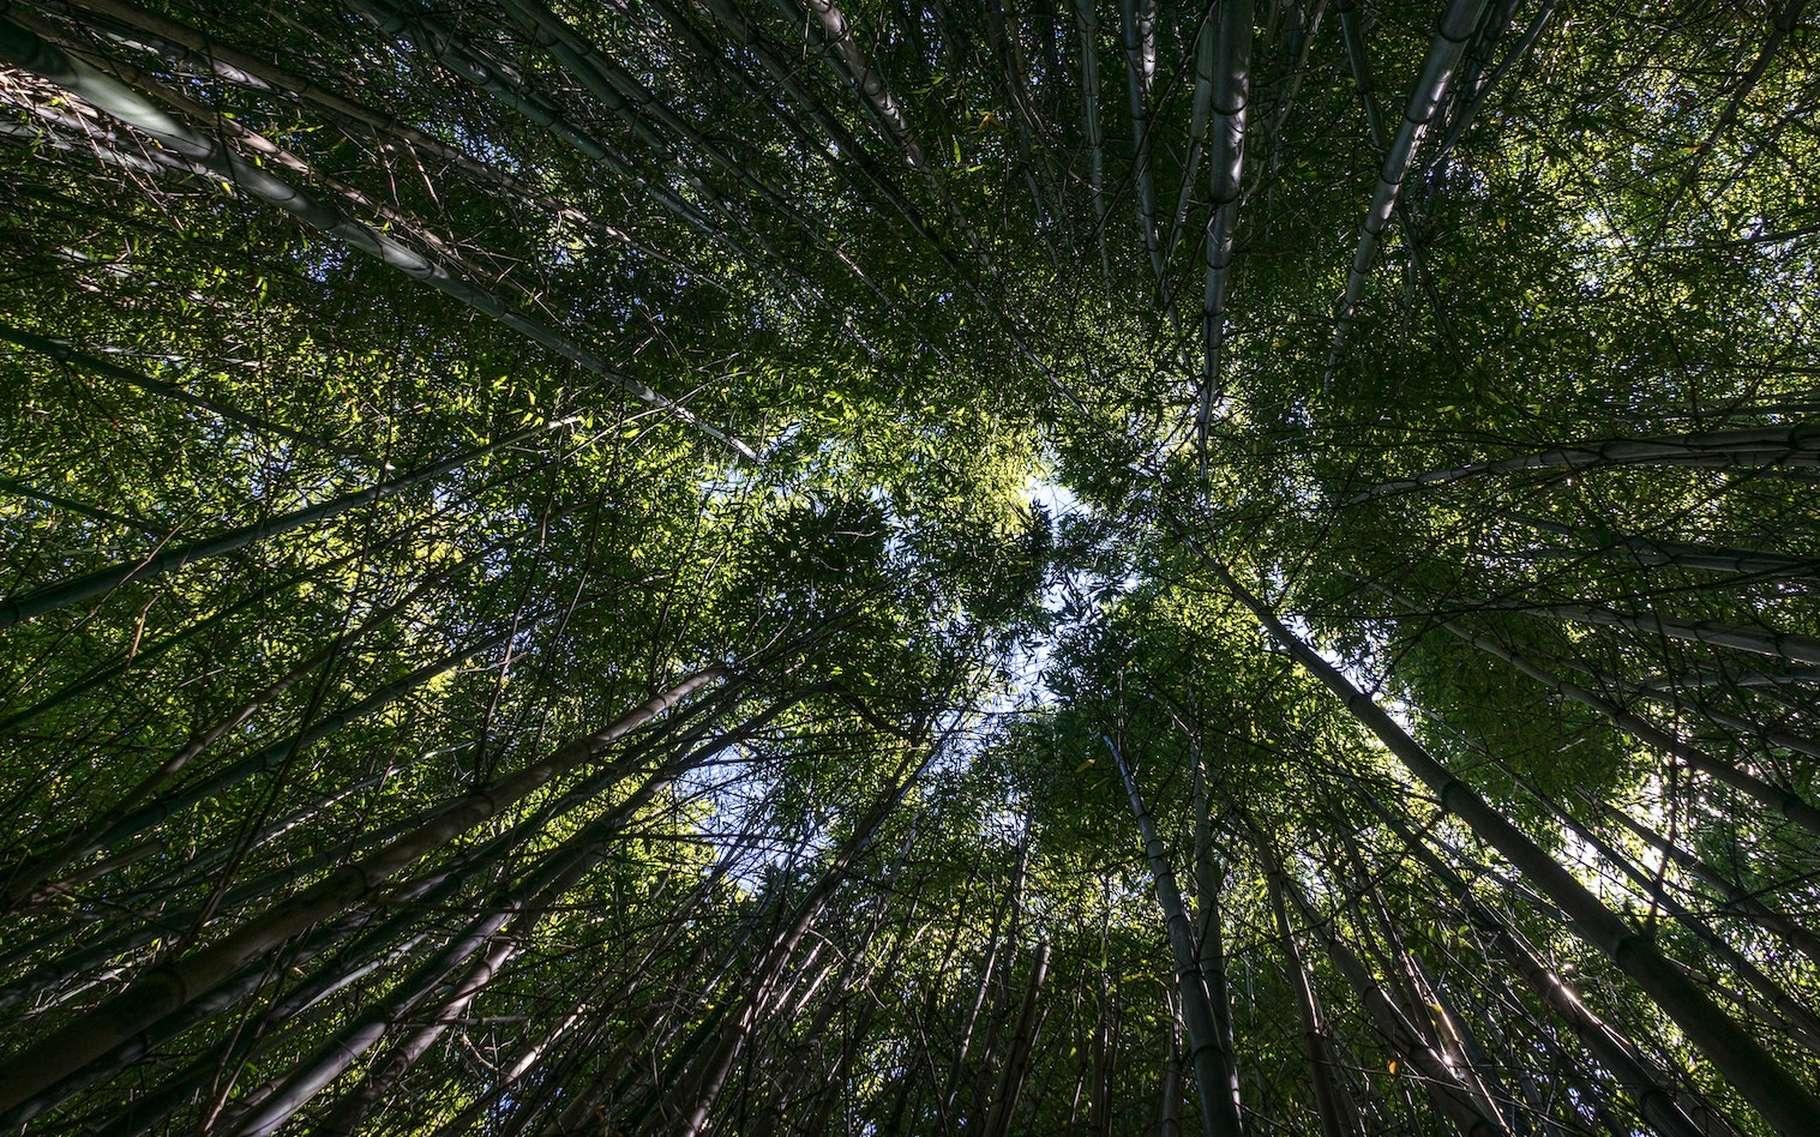 La vie sur Terre pèse quelque 550 gigatonnes de carbone stocké. Et les plantes, pas moins de 450 gigatonnes. © Stefan Steinbauer, Unsplash